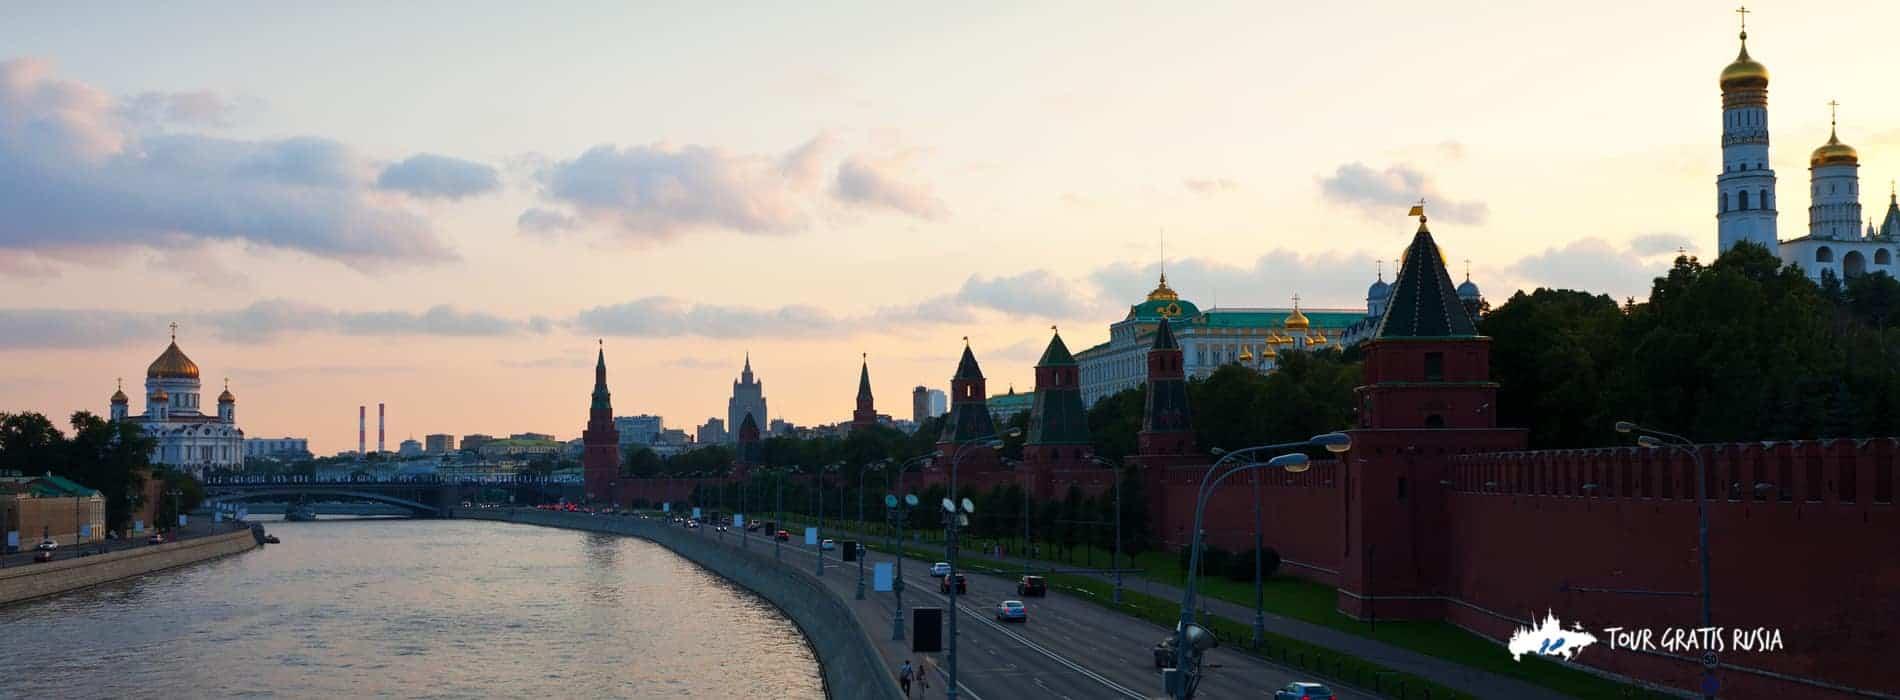 Tour explicativo del Kremlin de Moscú